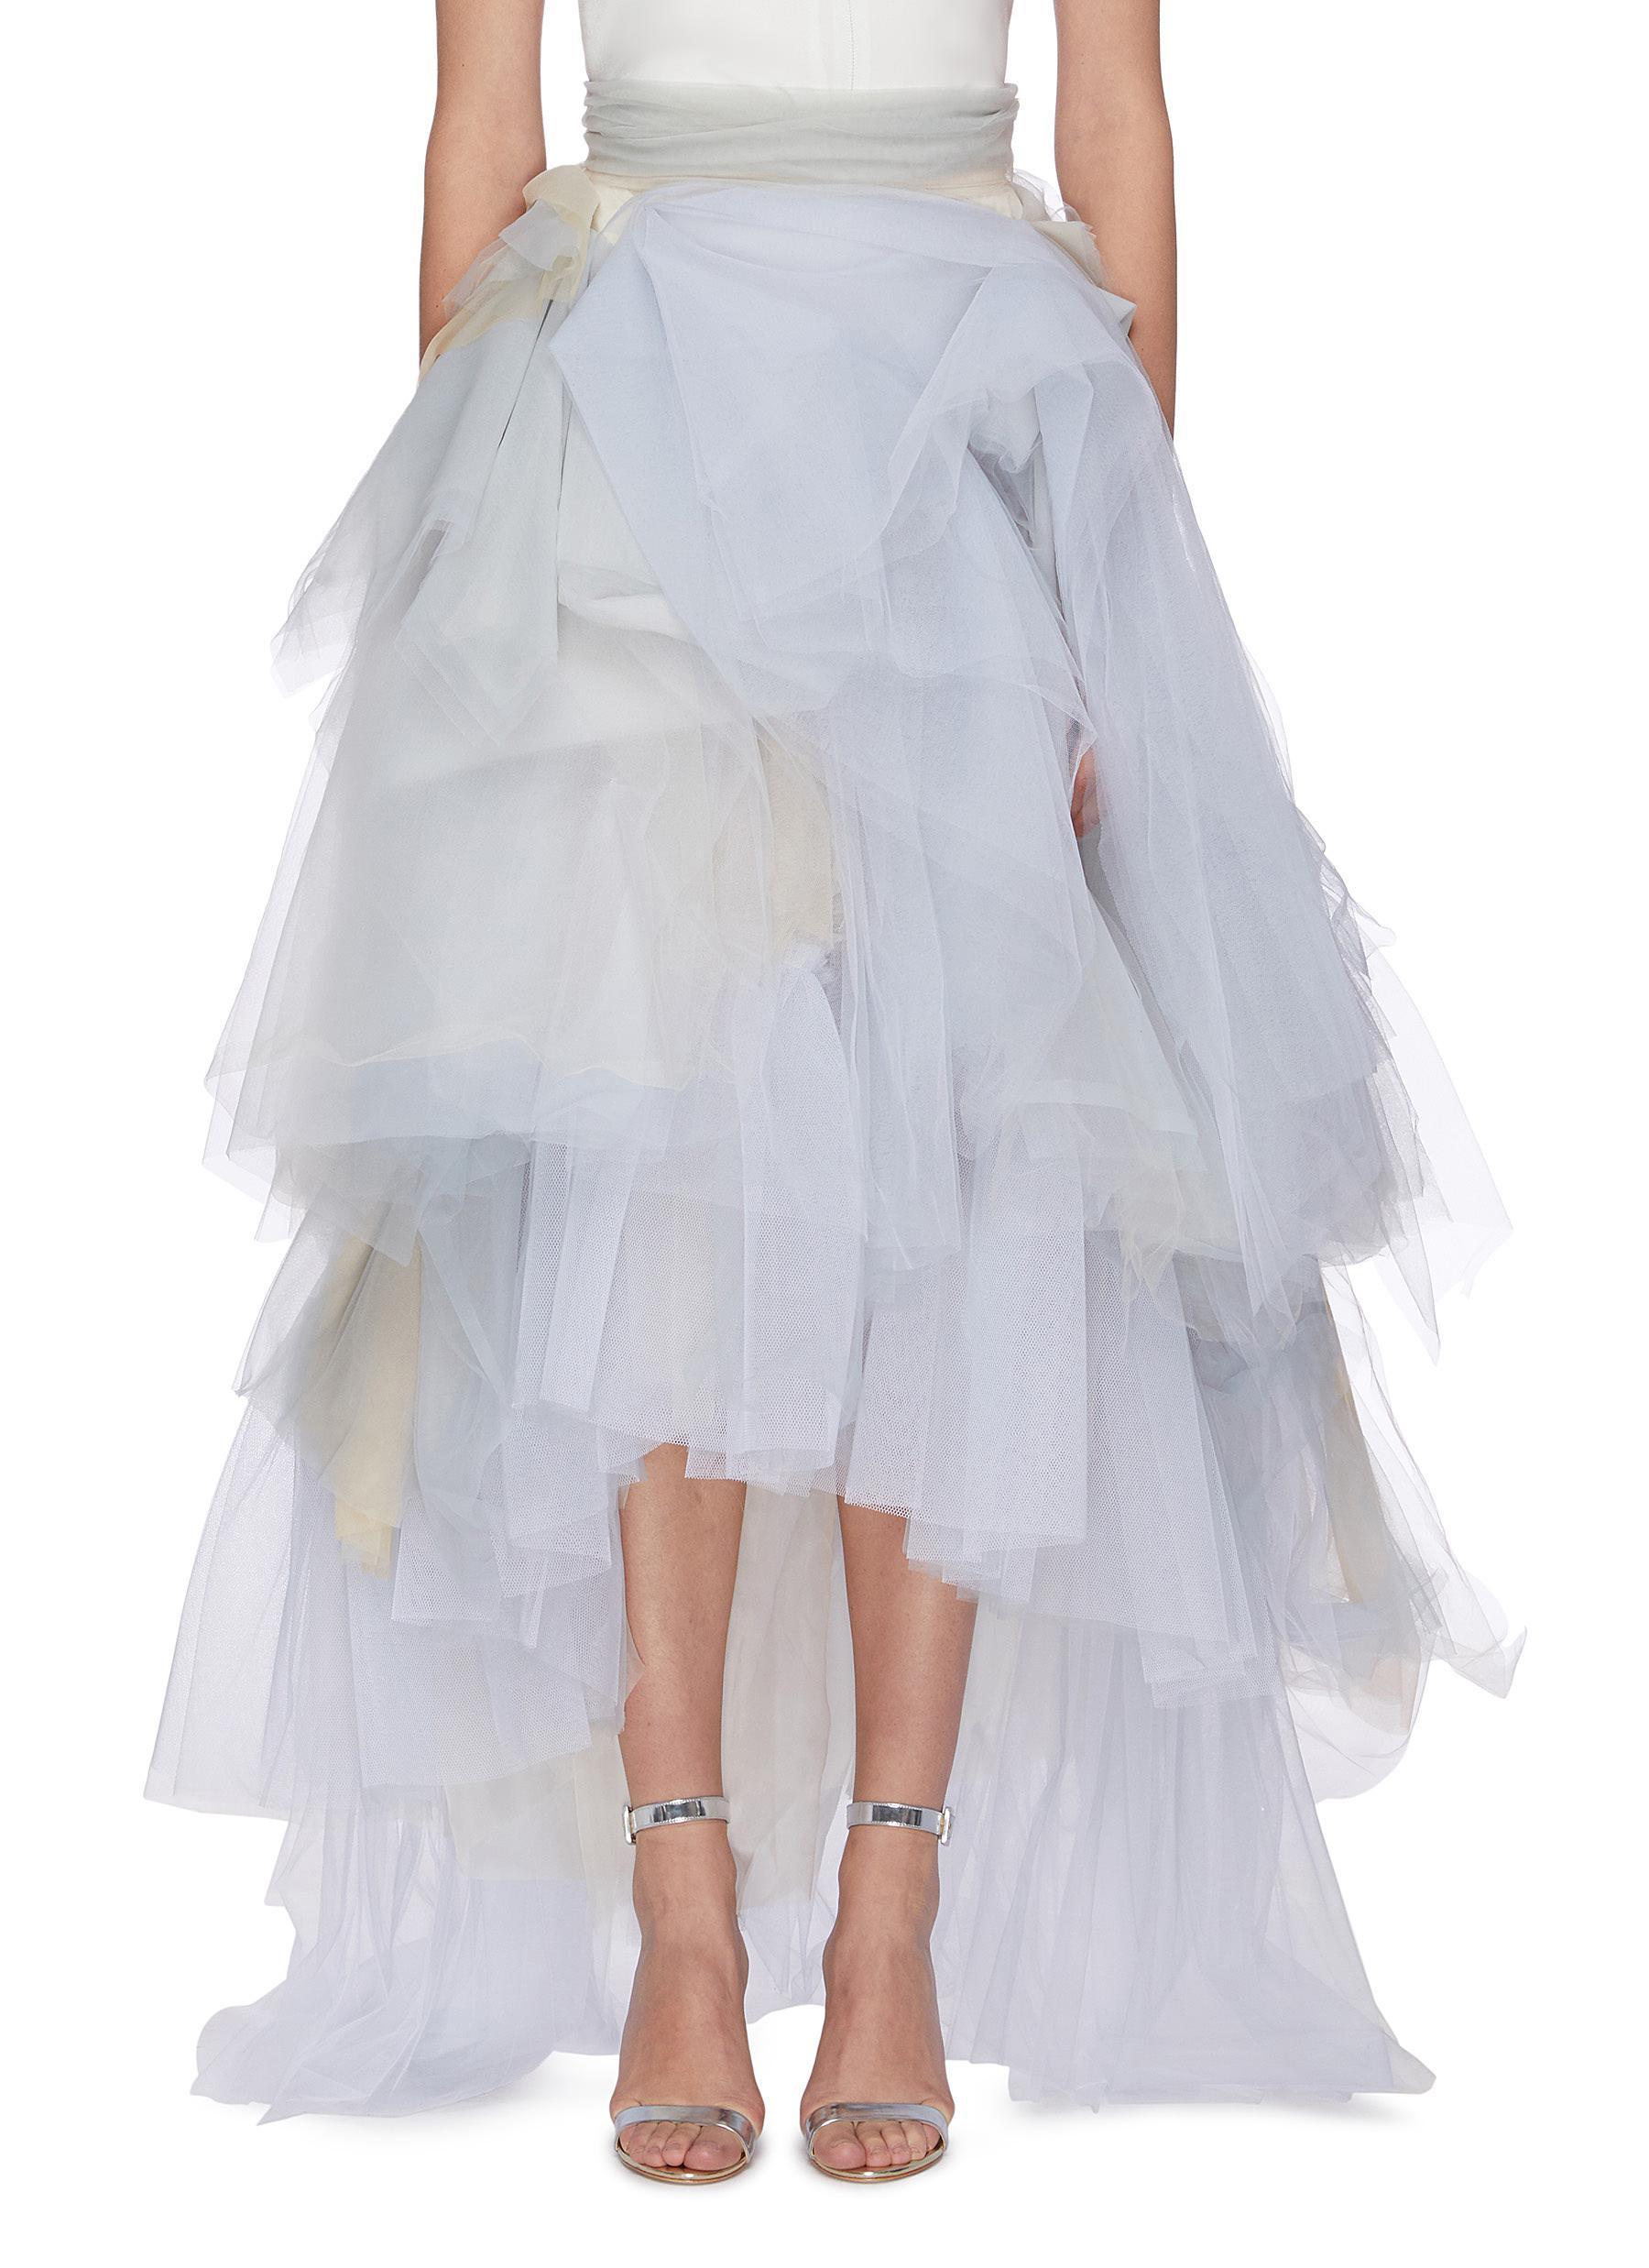 Brushstroke tulle skirt by Maticevski